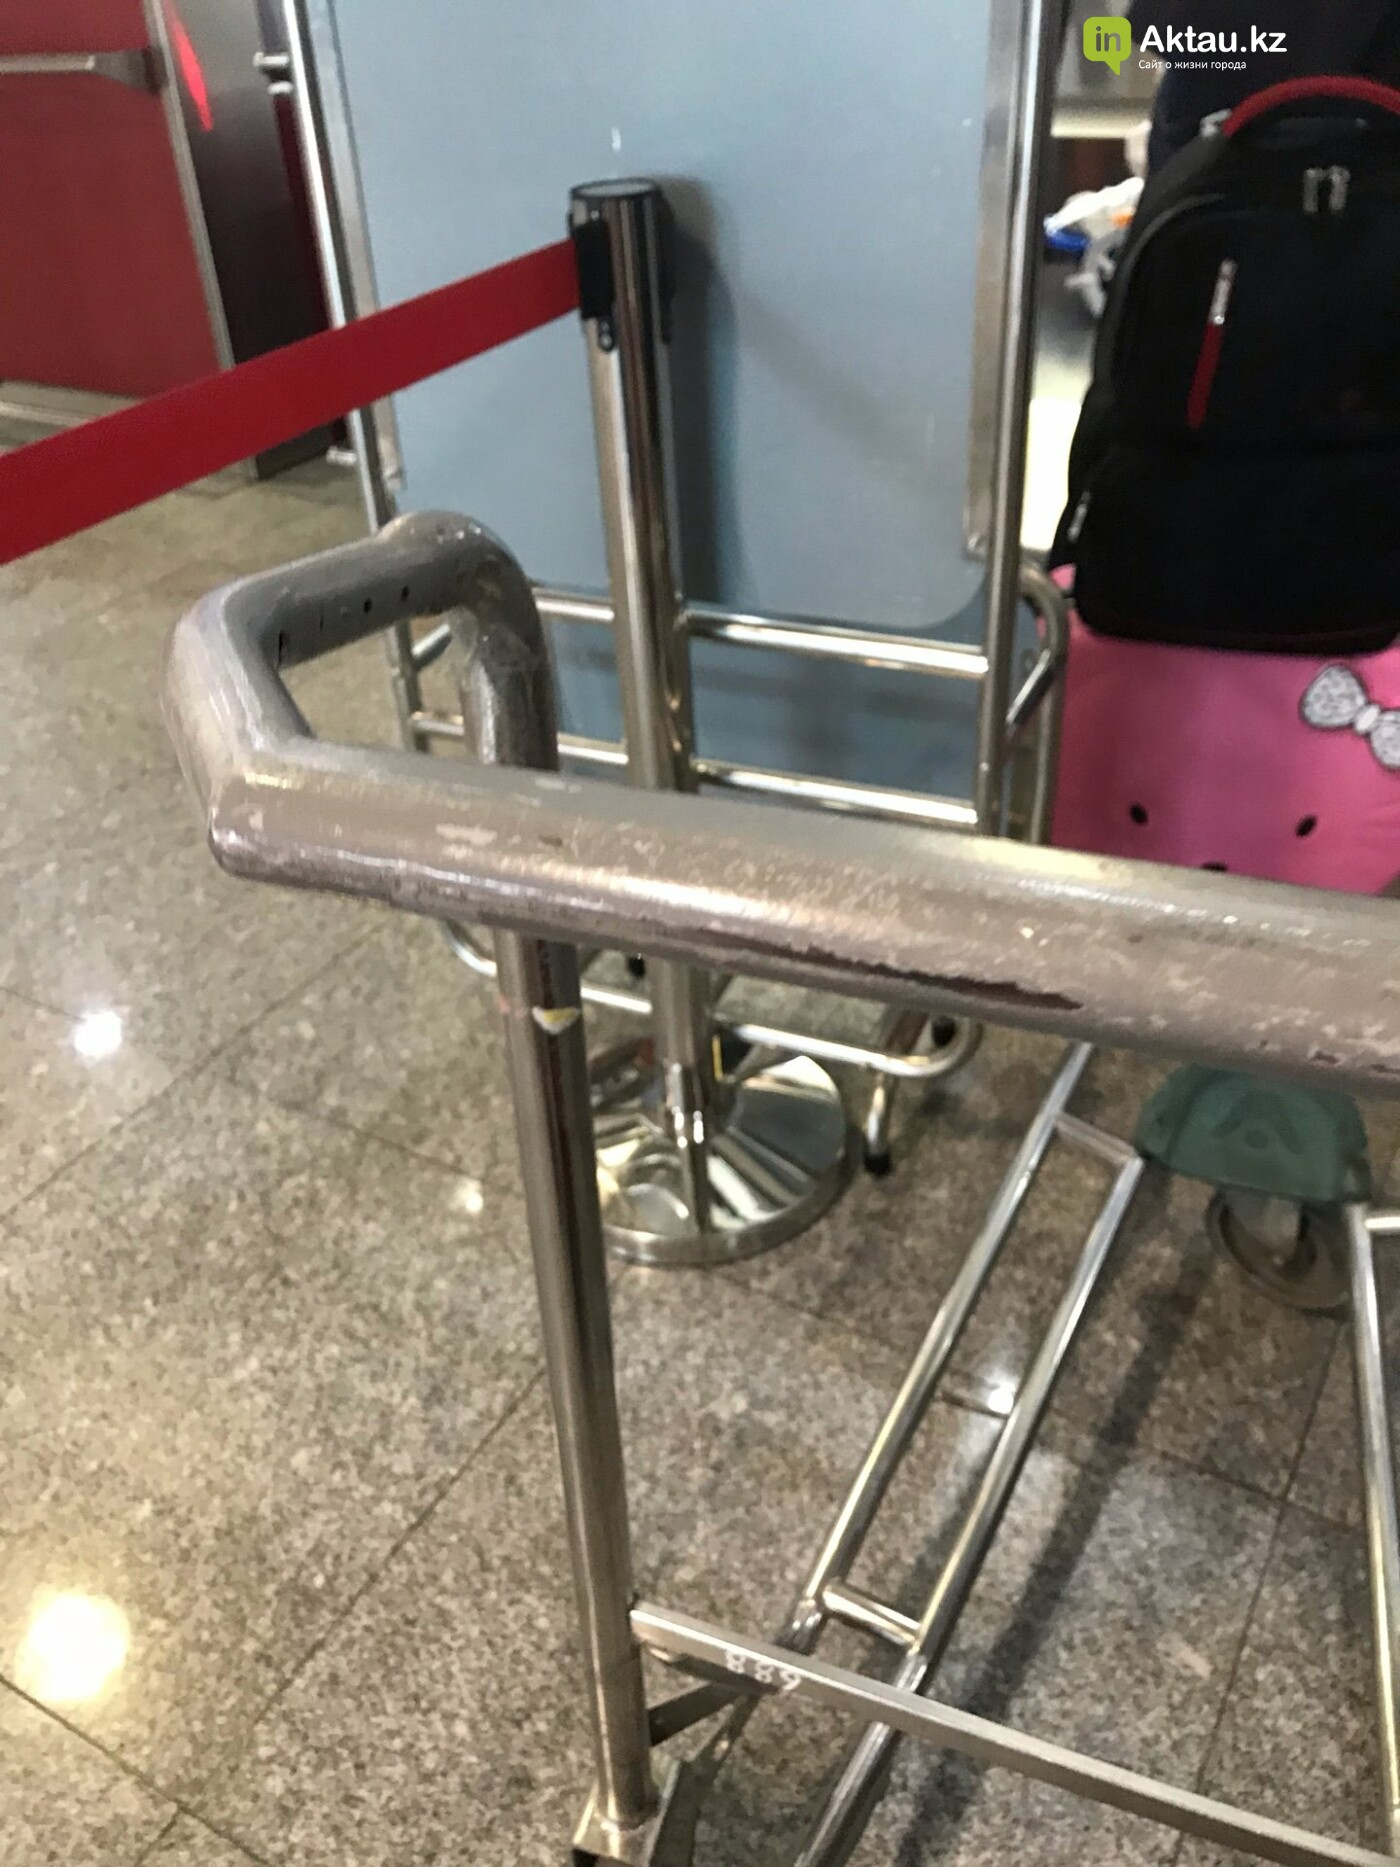 Жительница Актау раскритиковала состояние аэропорта (ФОТО), фото-1